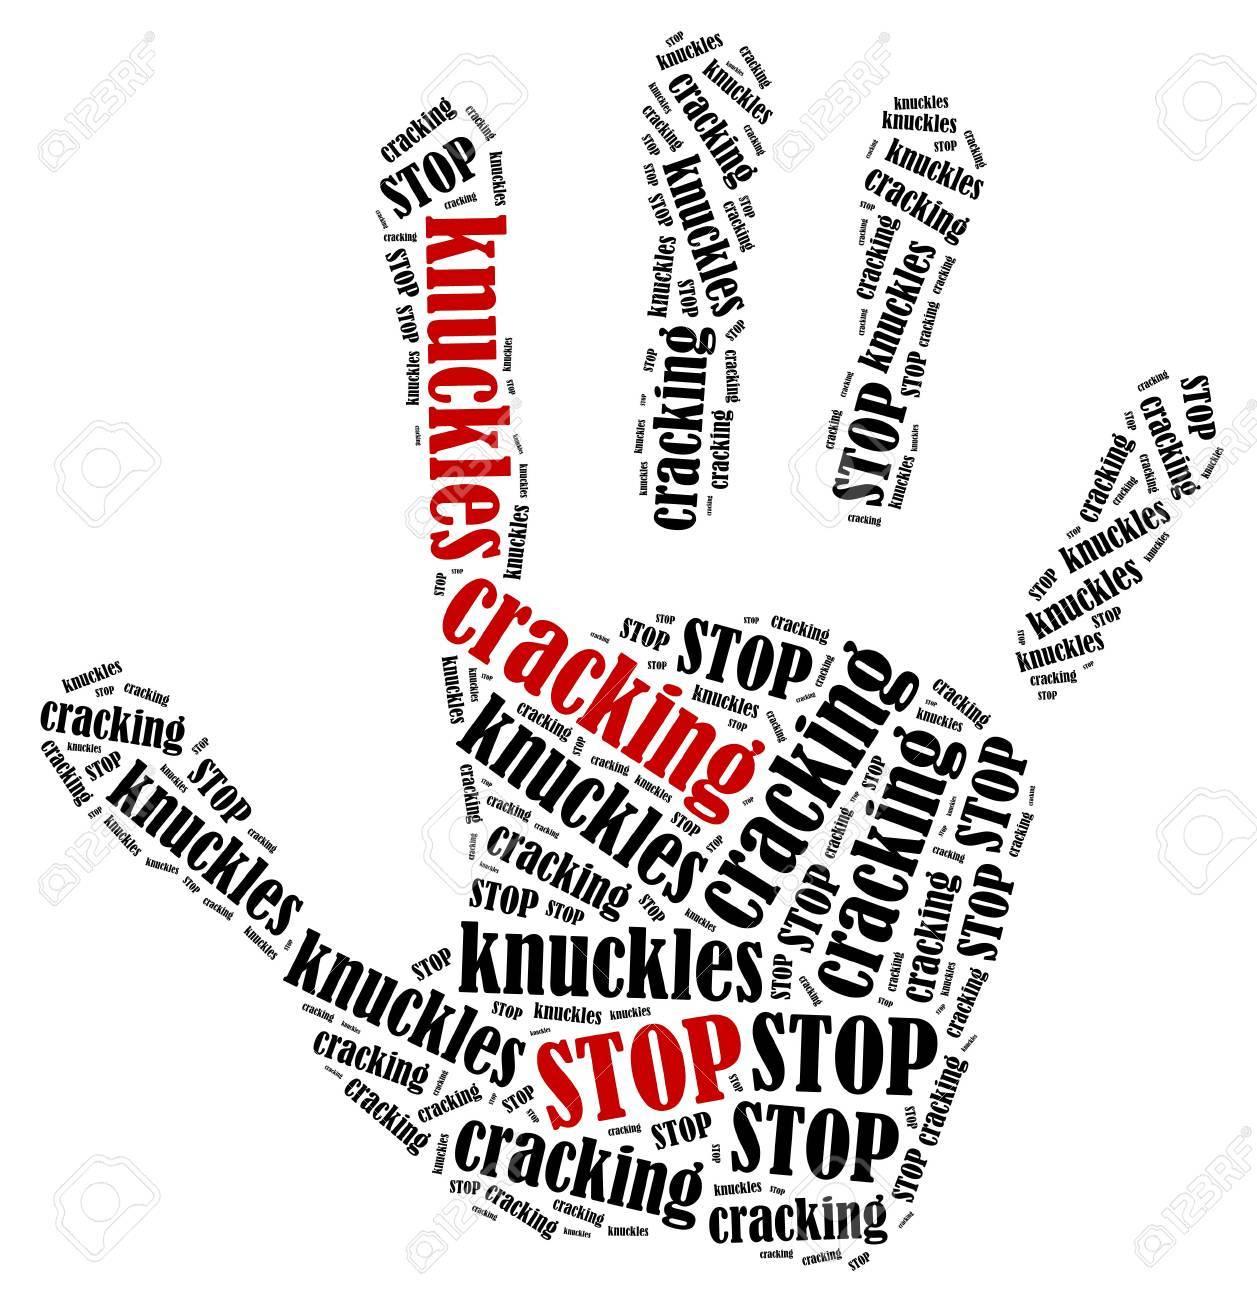 指の関節を停止します印刷抗議を示す手の形で単語雲のイラスト の